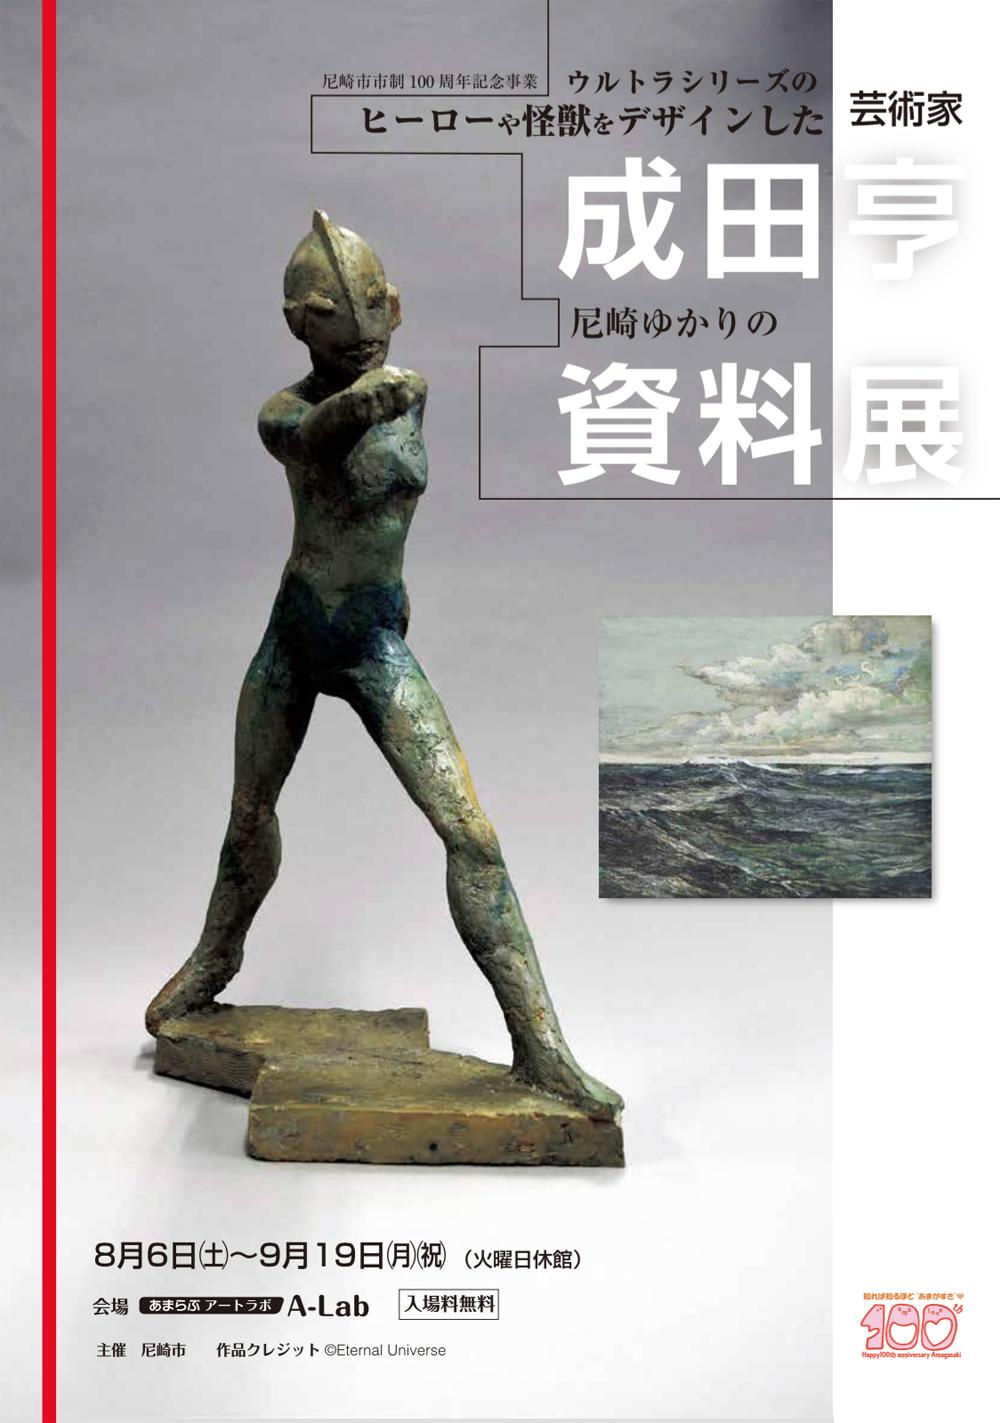 成田亨 MANの立像 尼崎